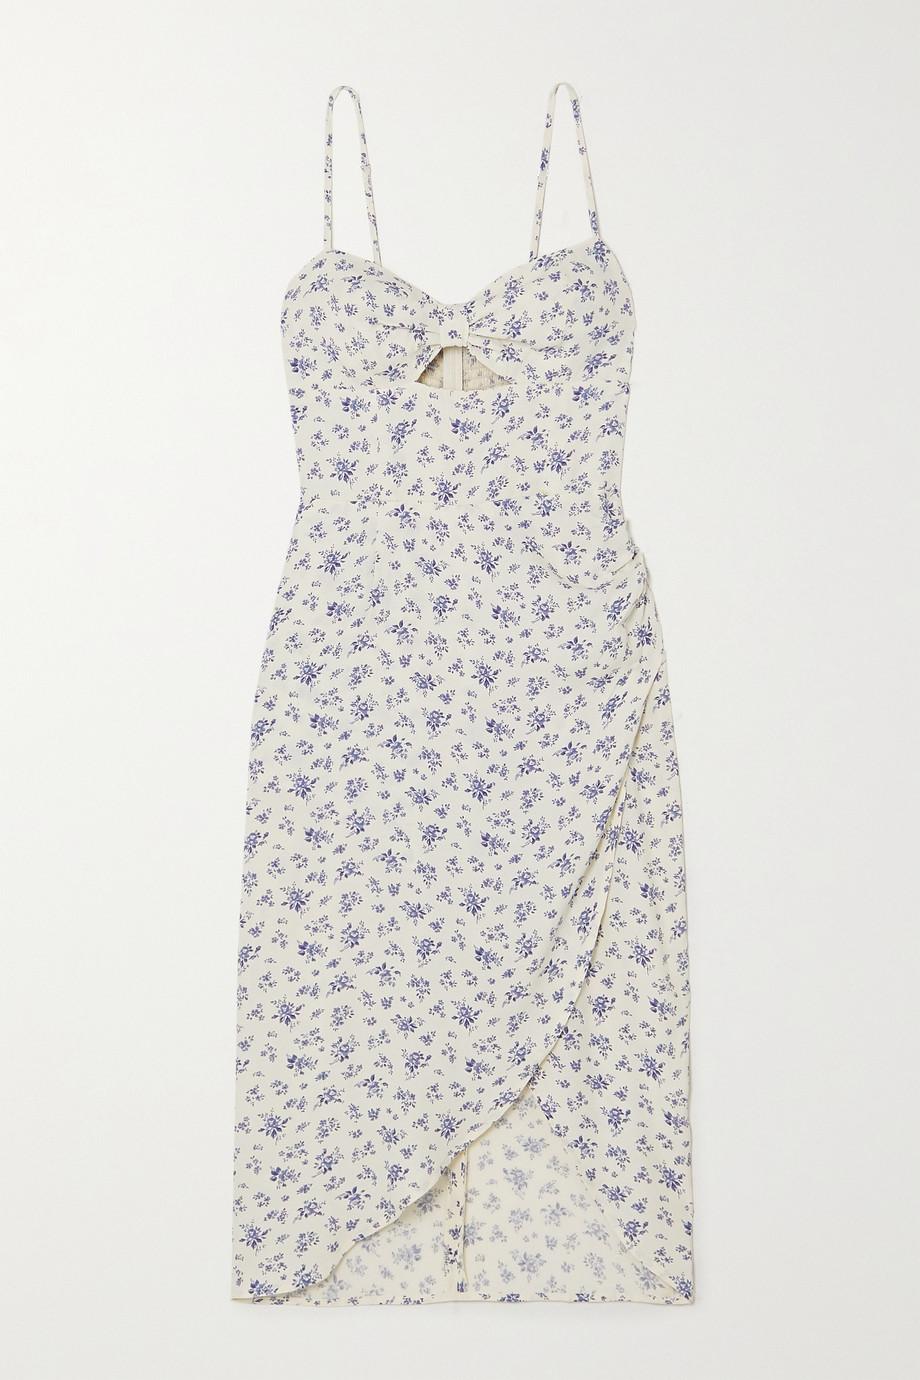 Reformation Aero Kleid aus Crêpe mit Blumenprint, Wickeleffekt und Cut-out